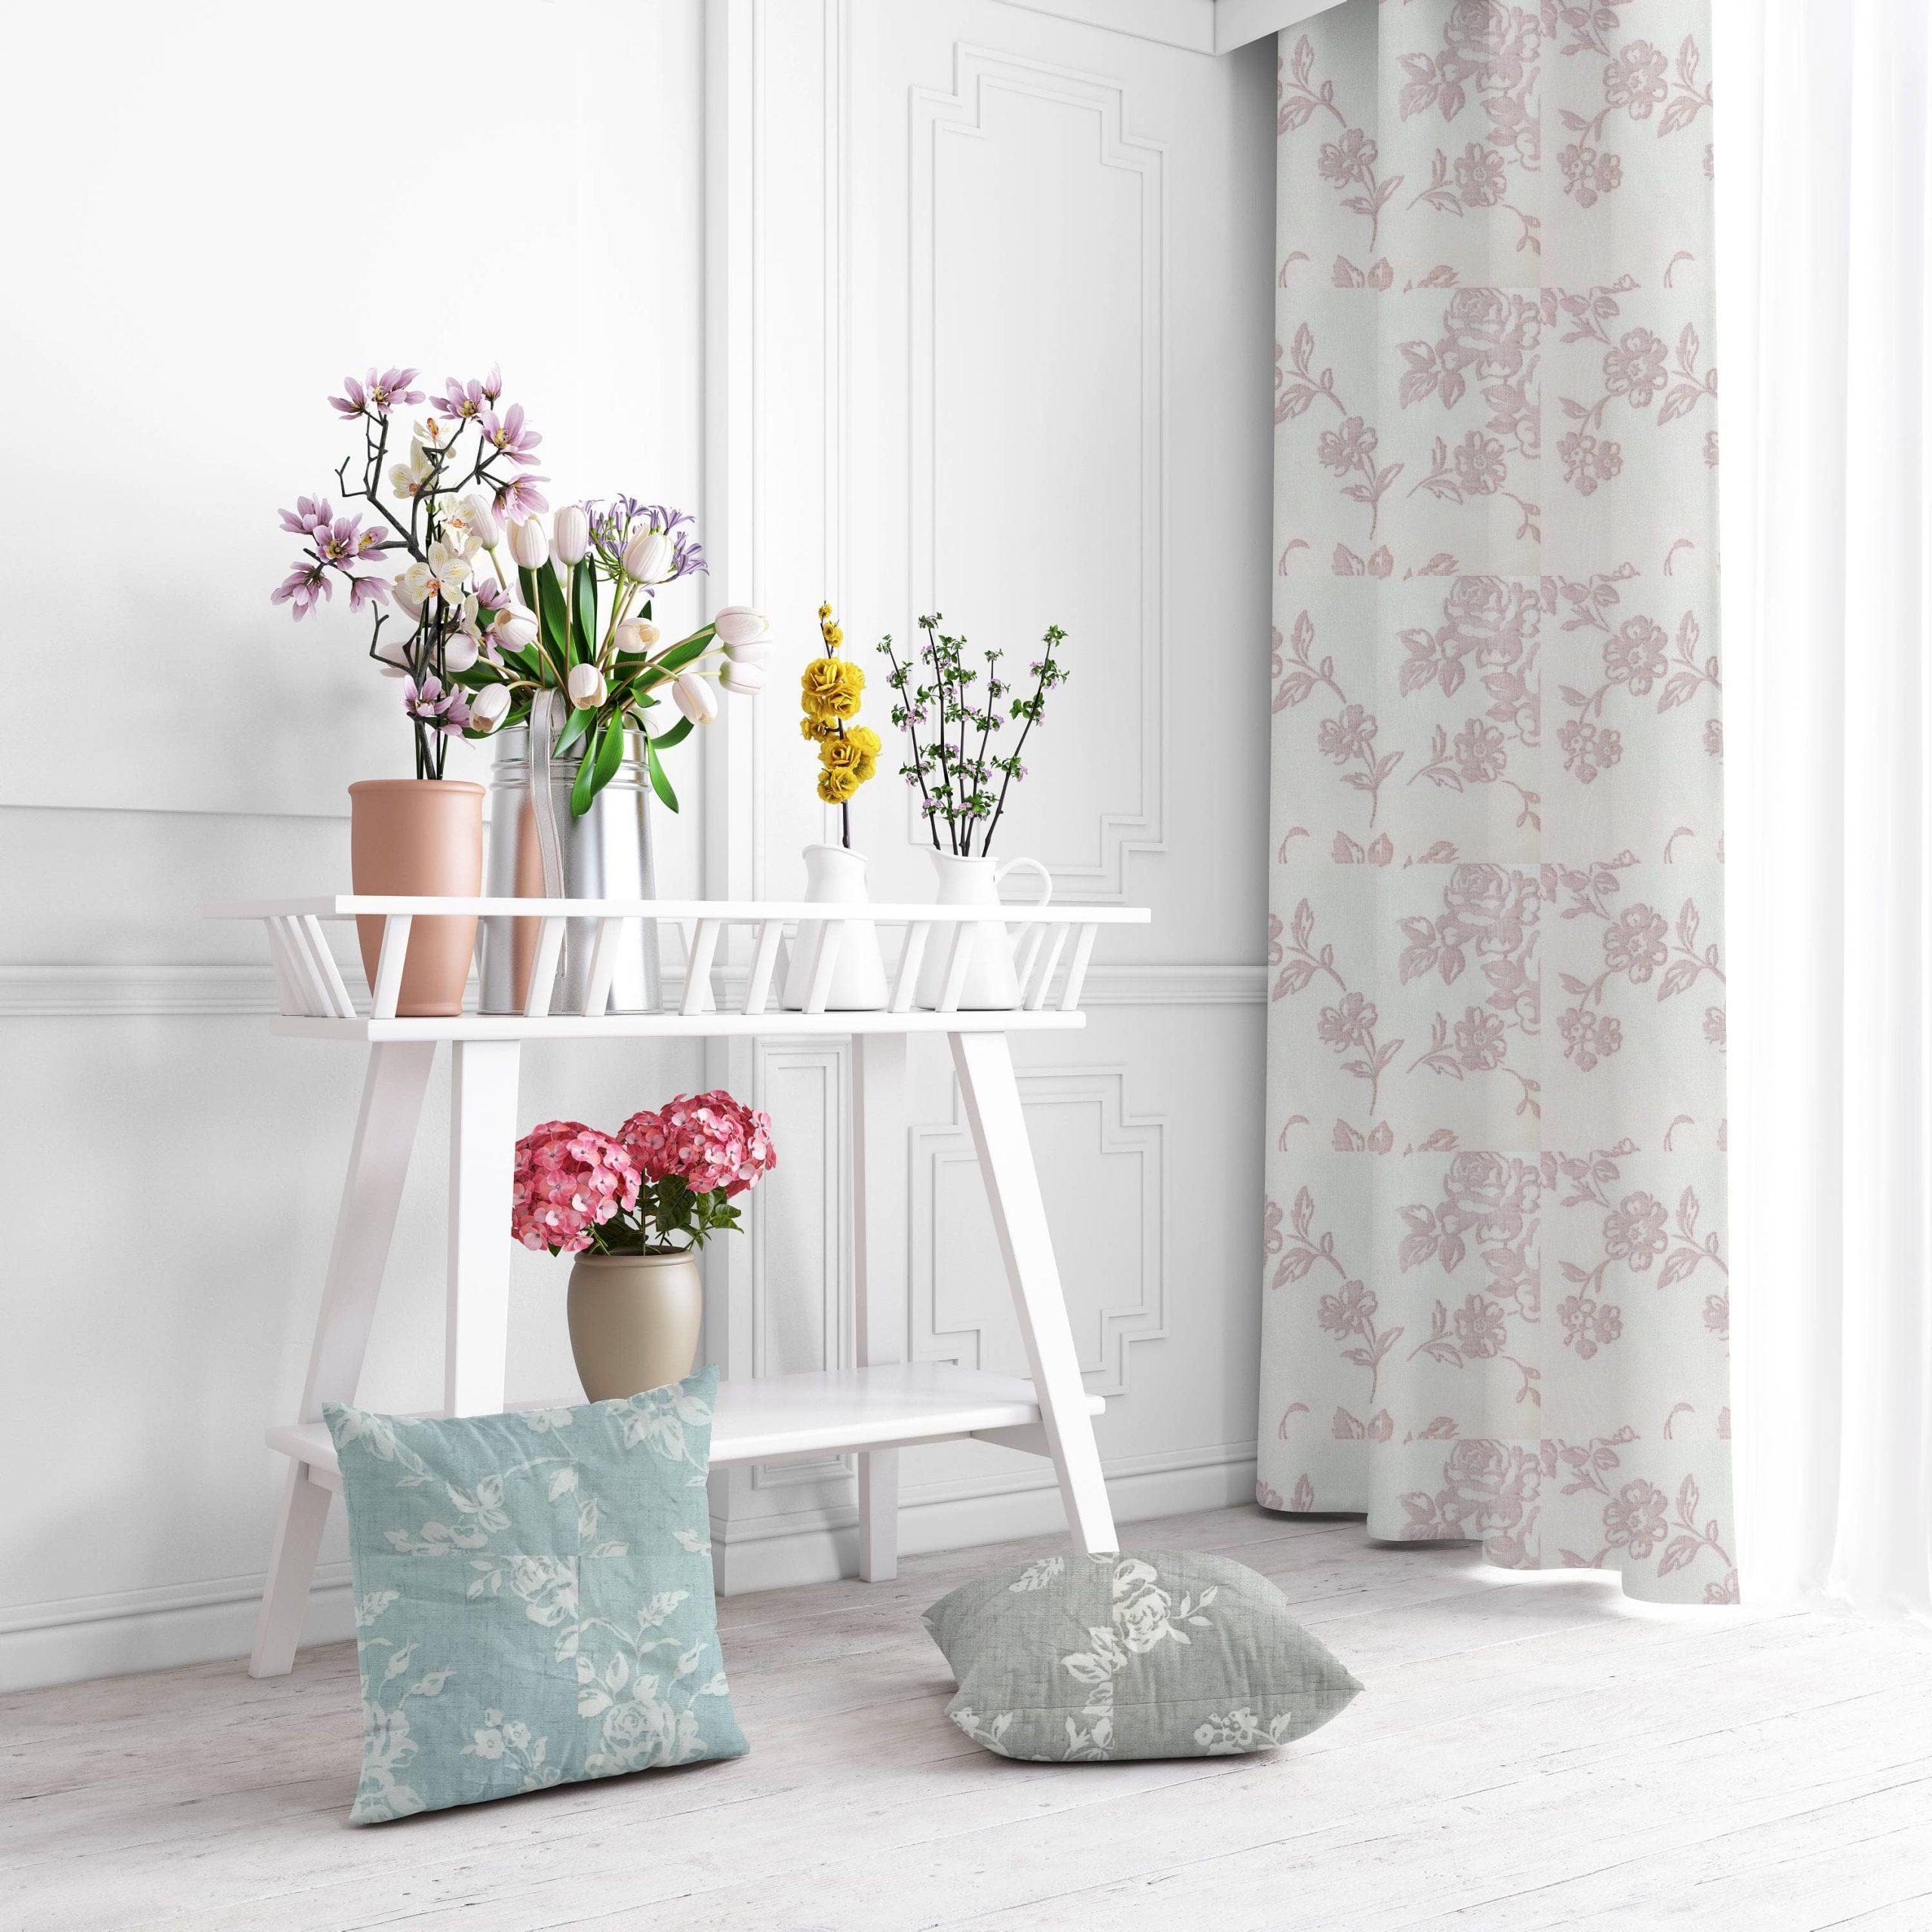 ημιδιαφανη κουρτινα floral rosa